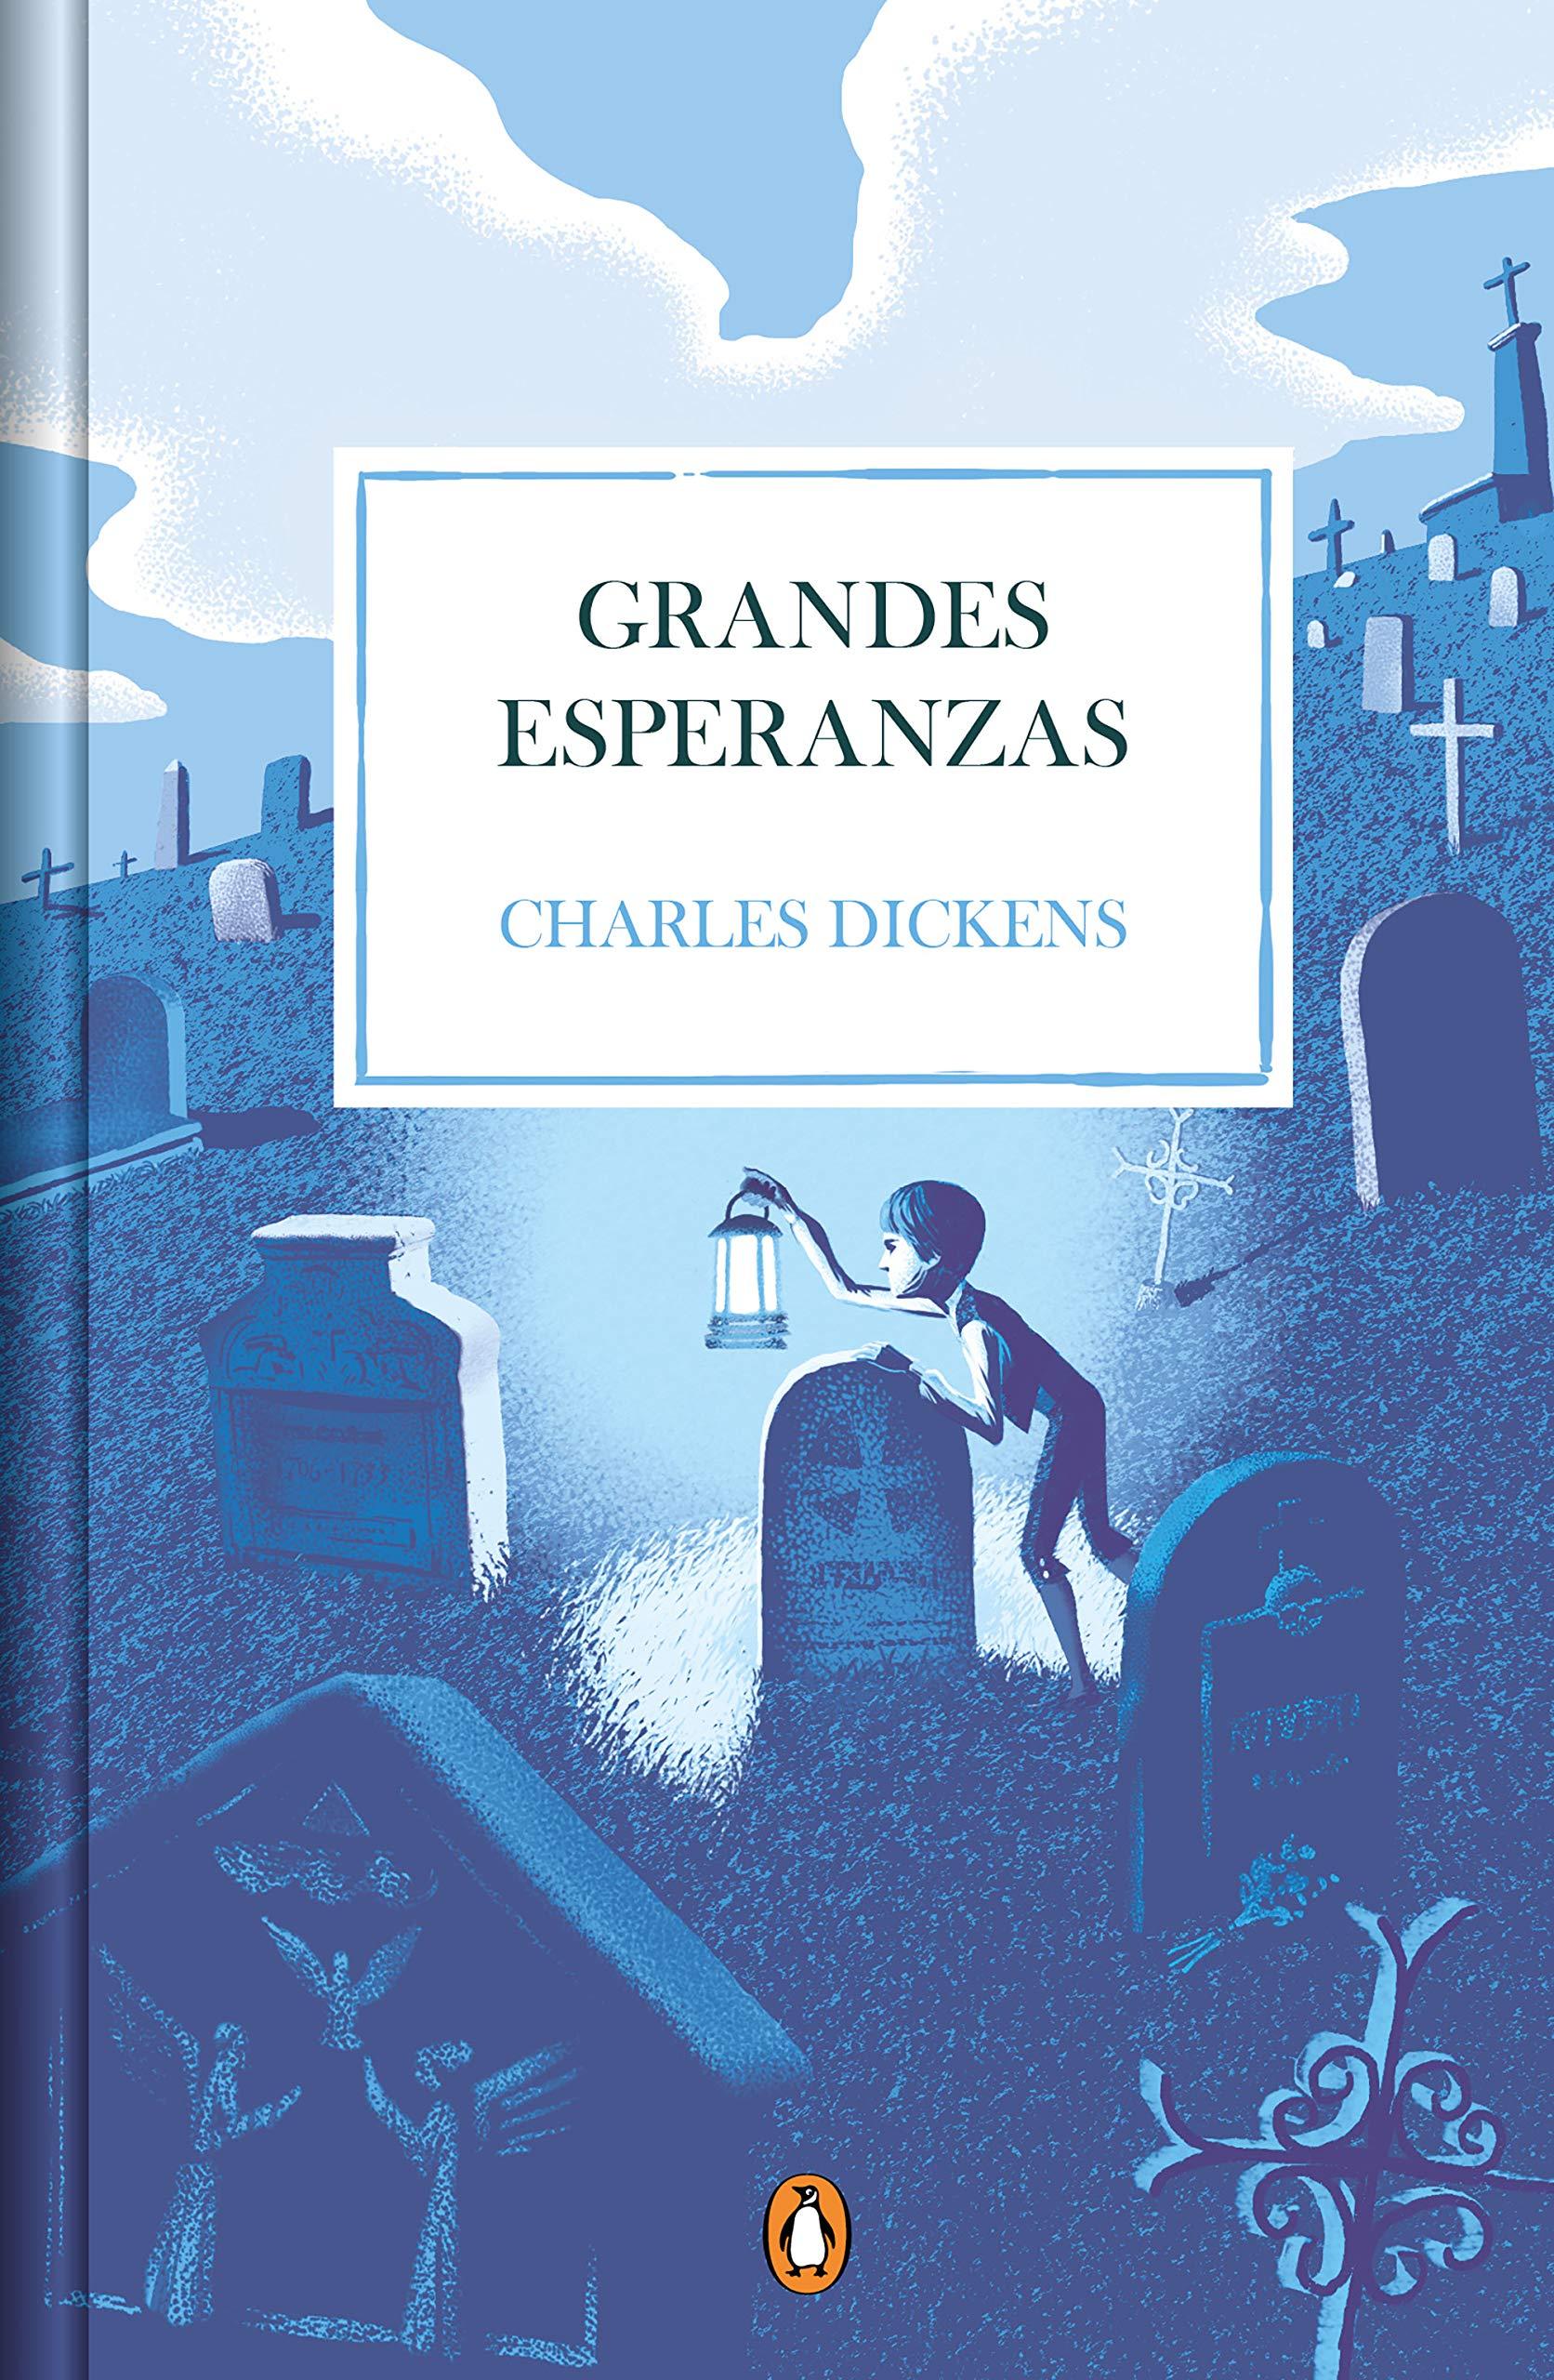 El inicio de Grandes esperanzas, de Charles Dickens